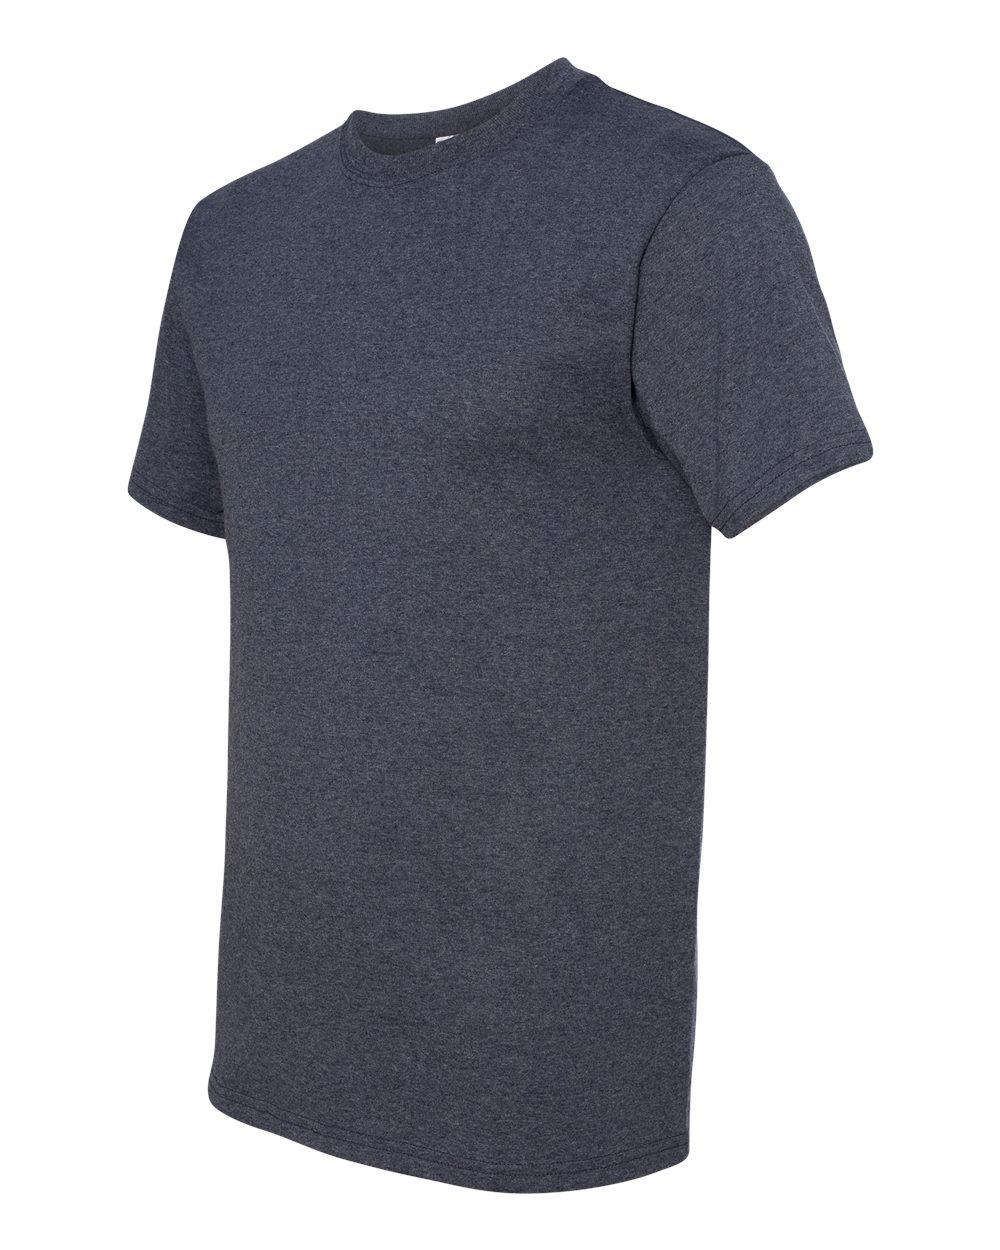 Jerzees-Men-039-s-5-6-oz-50-50-Heavyweight-Blend-T-Shirt-29M-S-4XL thumbnail 51